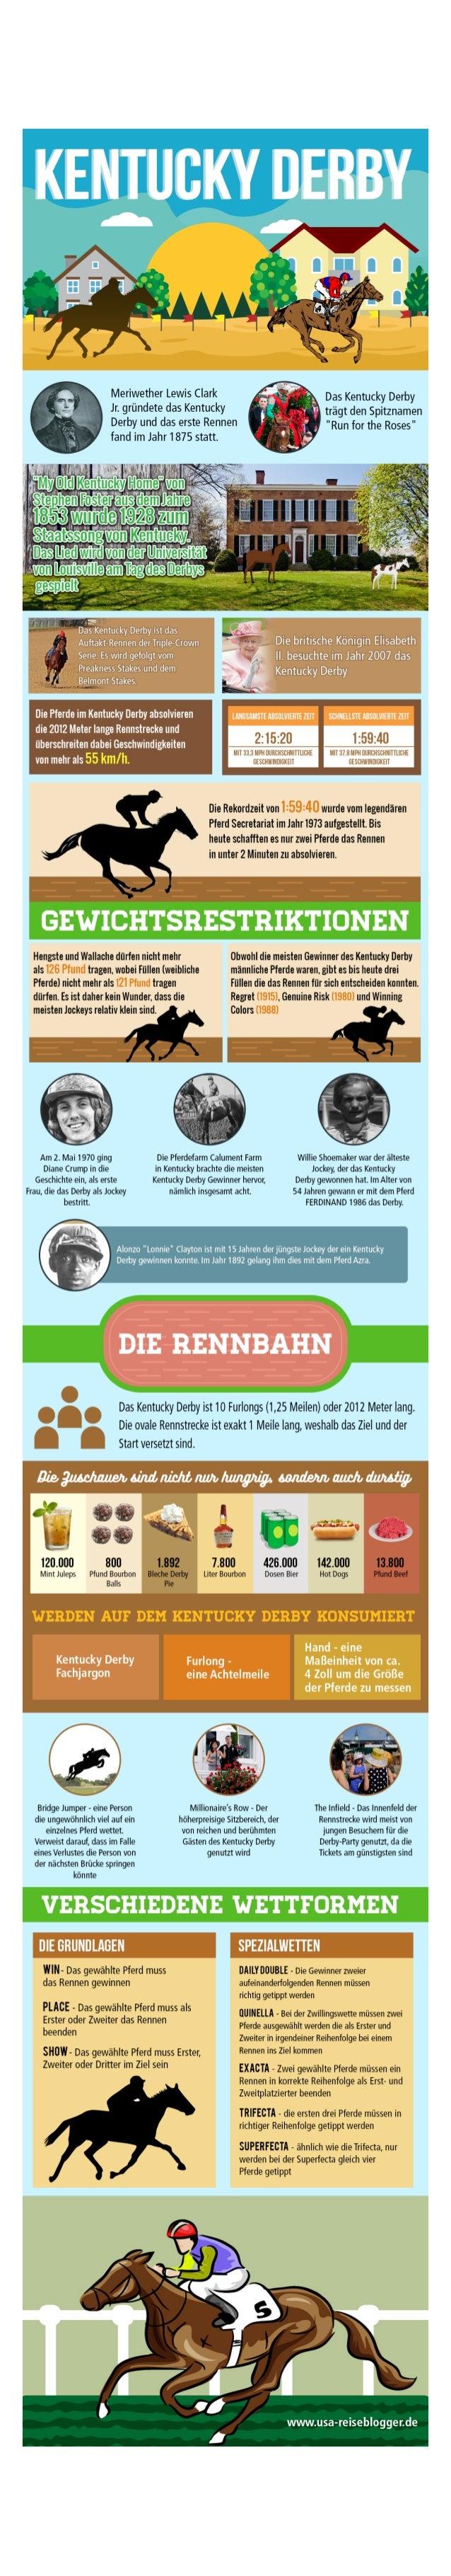 Infografik zum Kentucky Derby